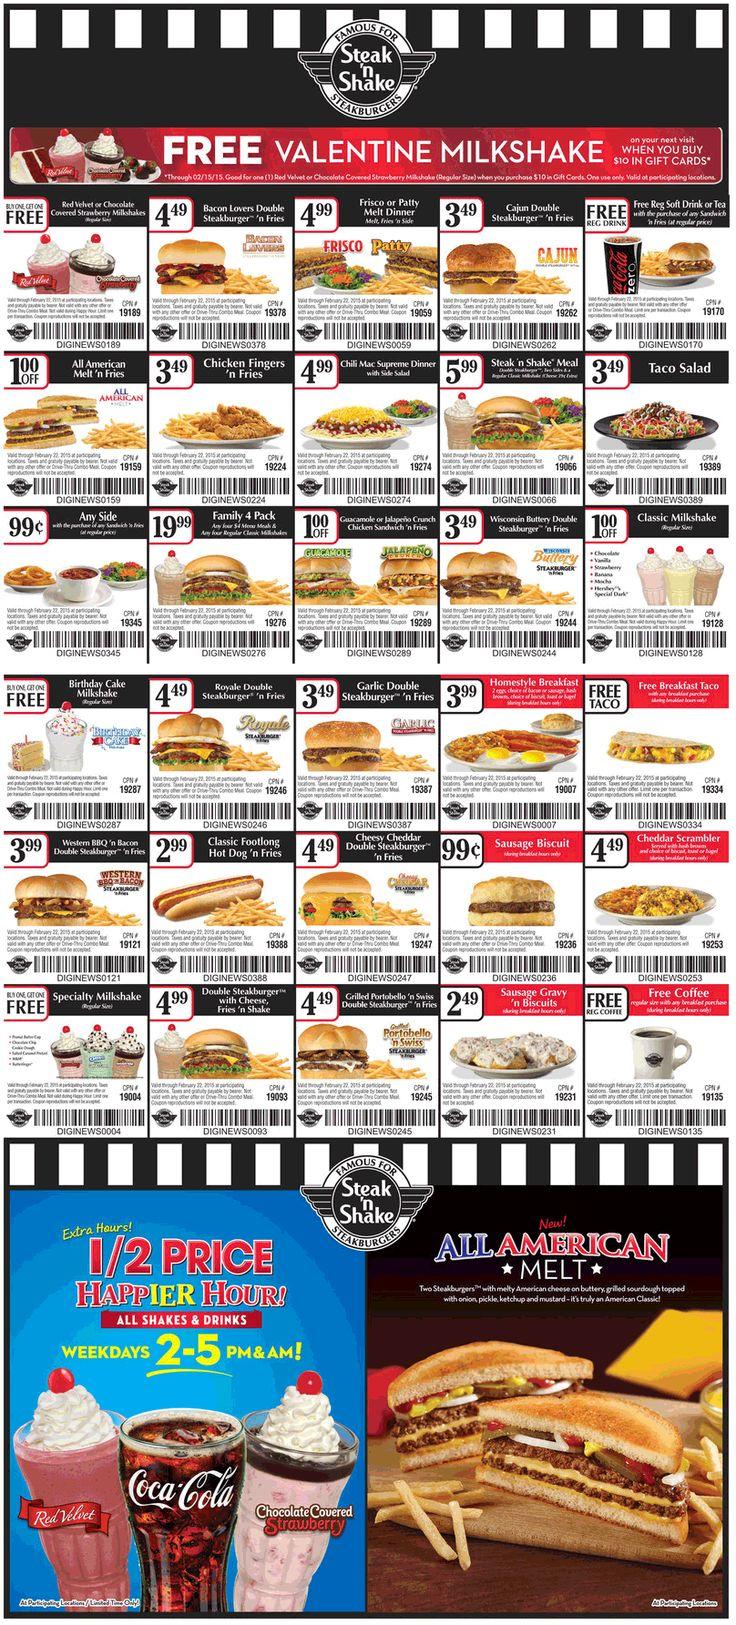 5bde2f45464af2b19708248a37c720f9 steak n shake restaurant coupons